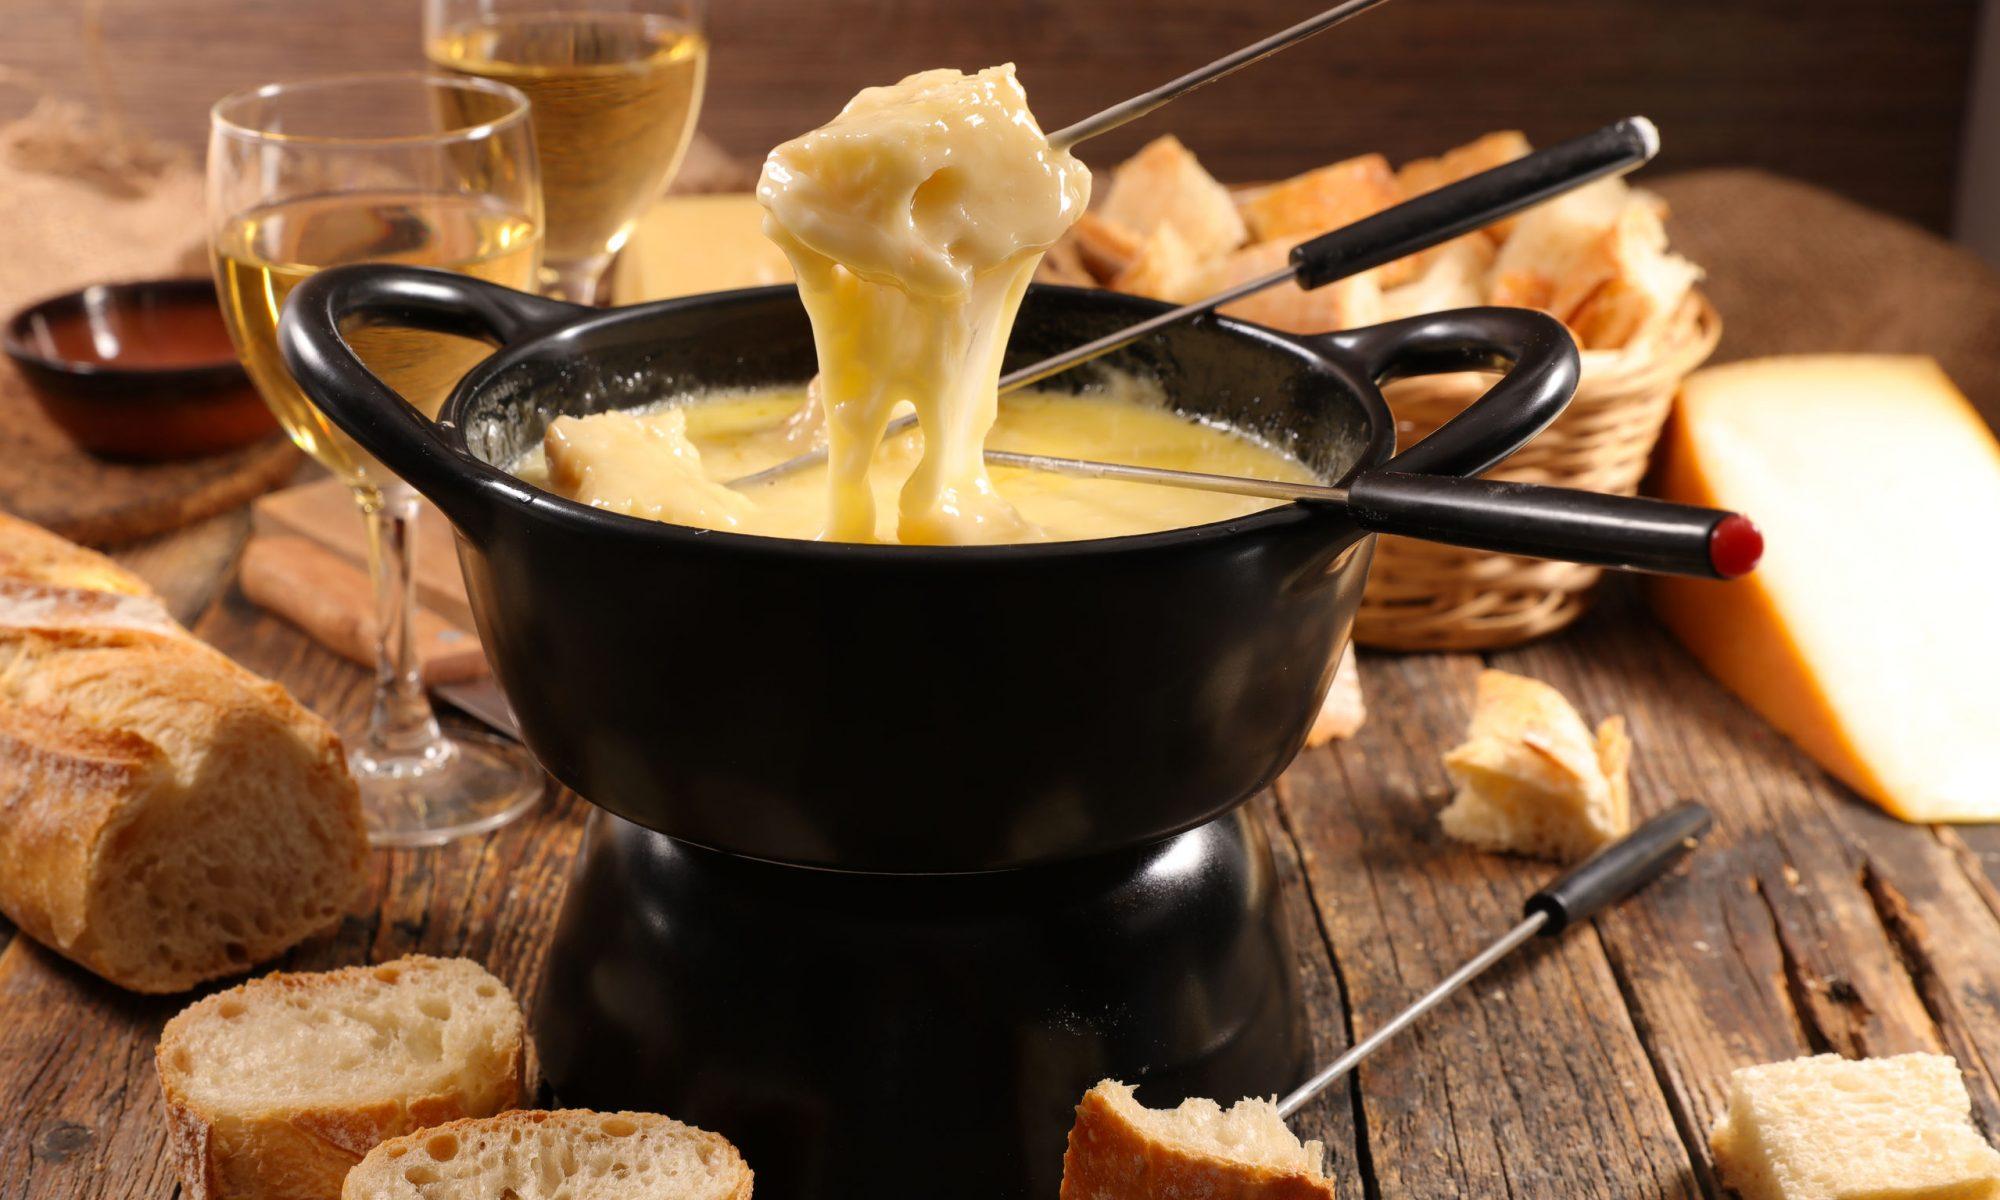 Даже если вы не относите себя к большим любителям сыра, обязательно приготовьте фондю сырное.